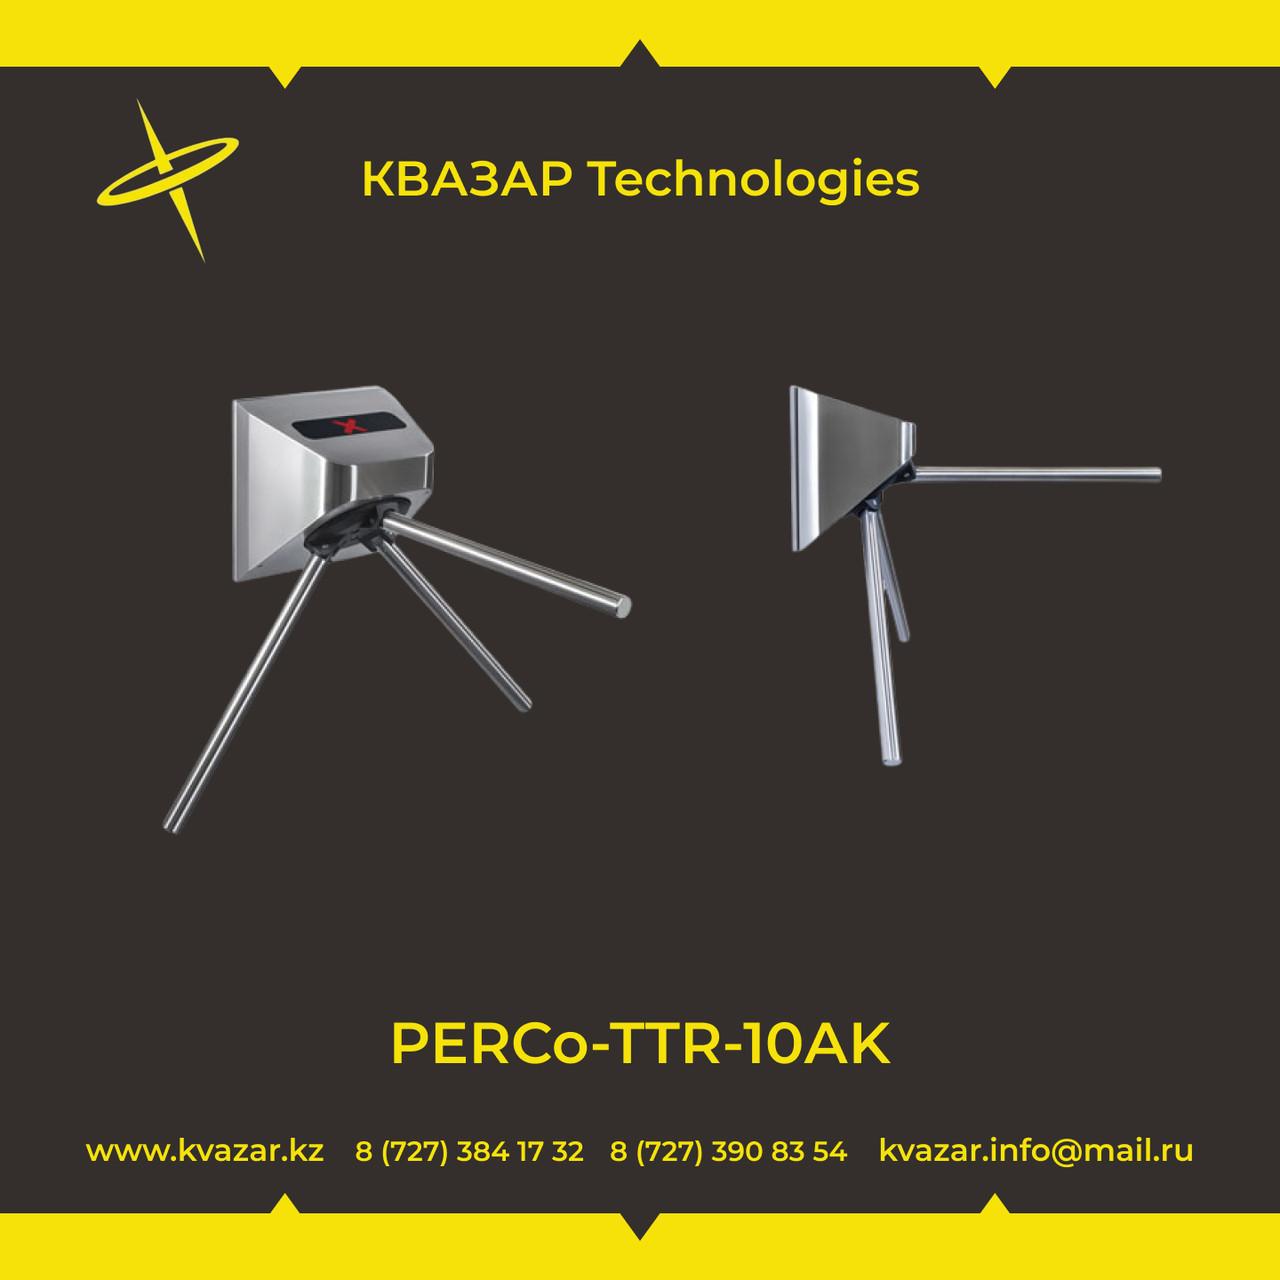 Электронная проходная PERCo-TTR-10АK